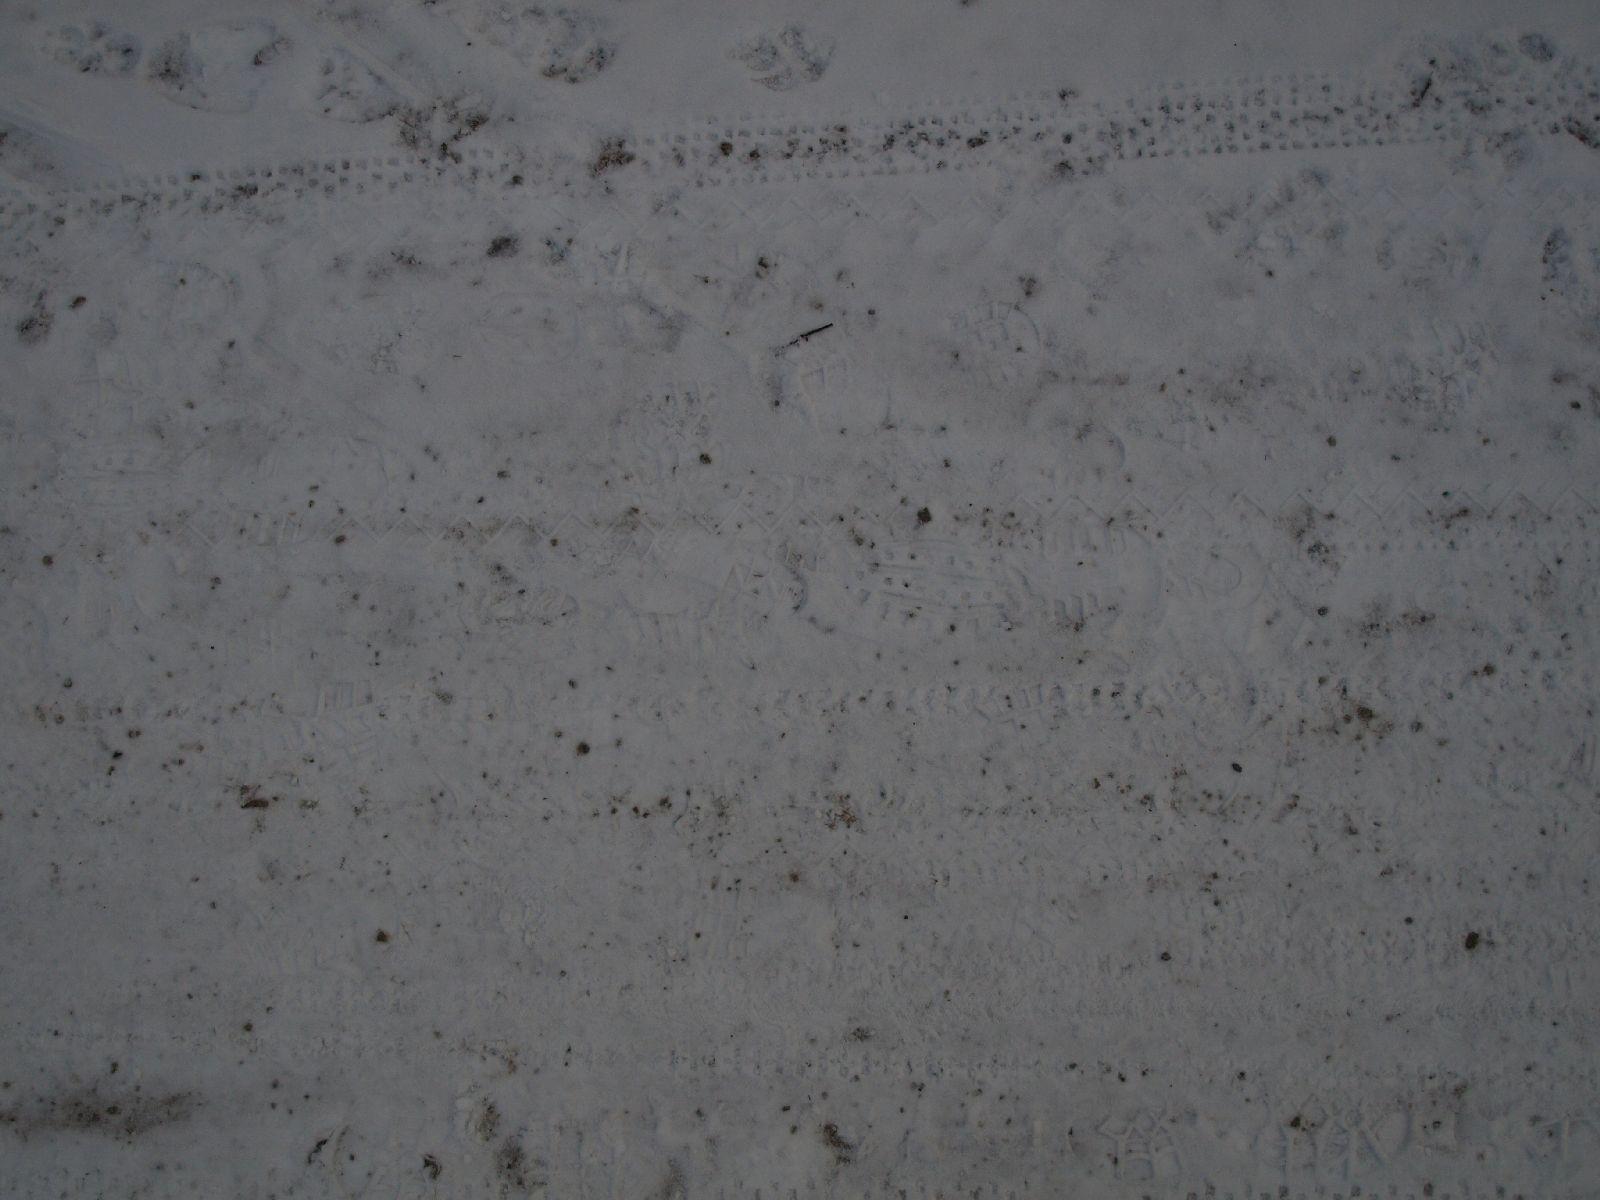 Schnee-Eis_Textur_A_P1038771